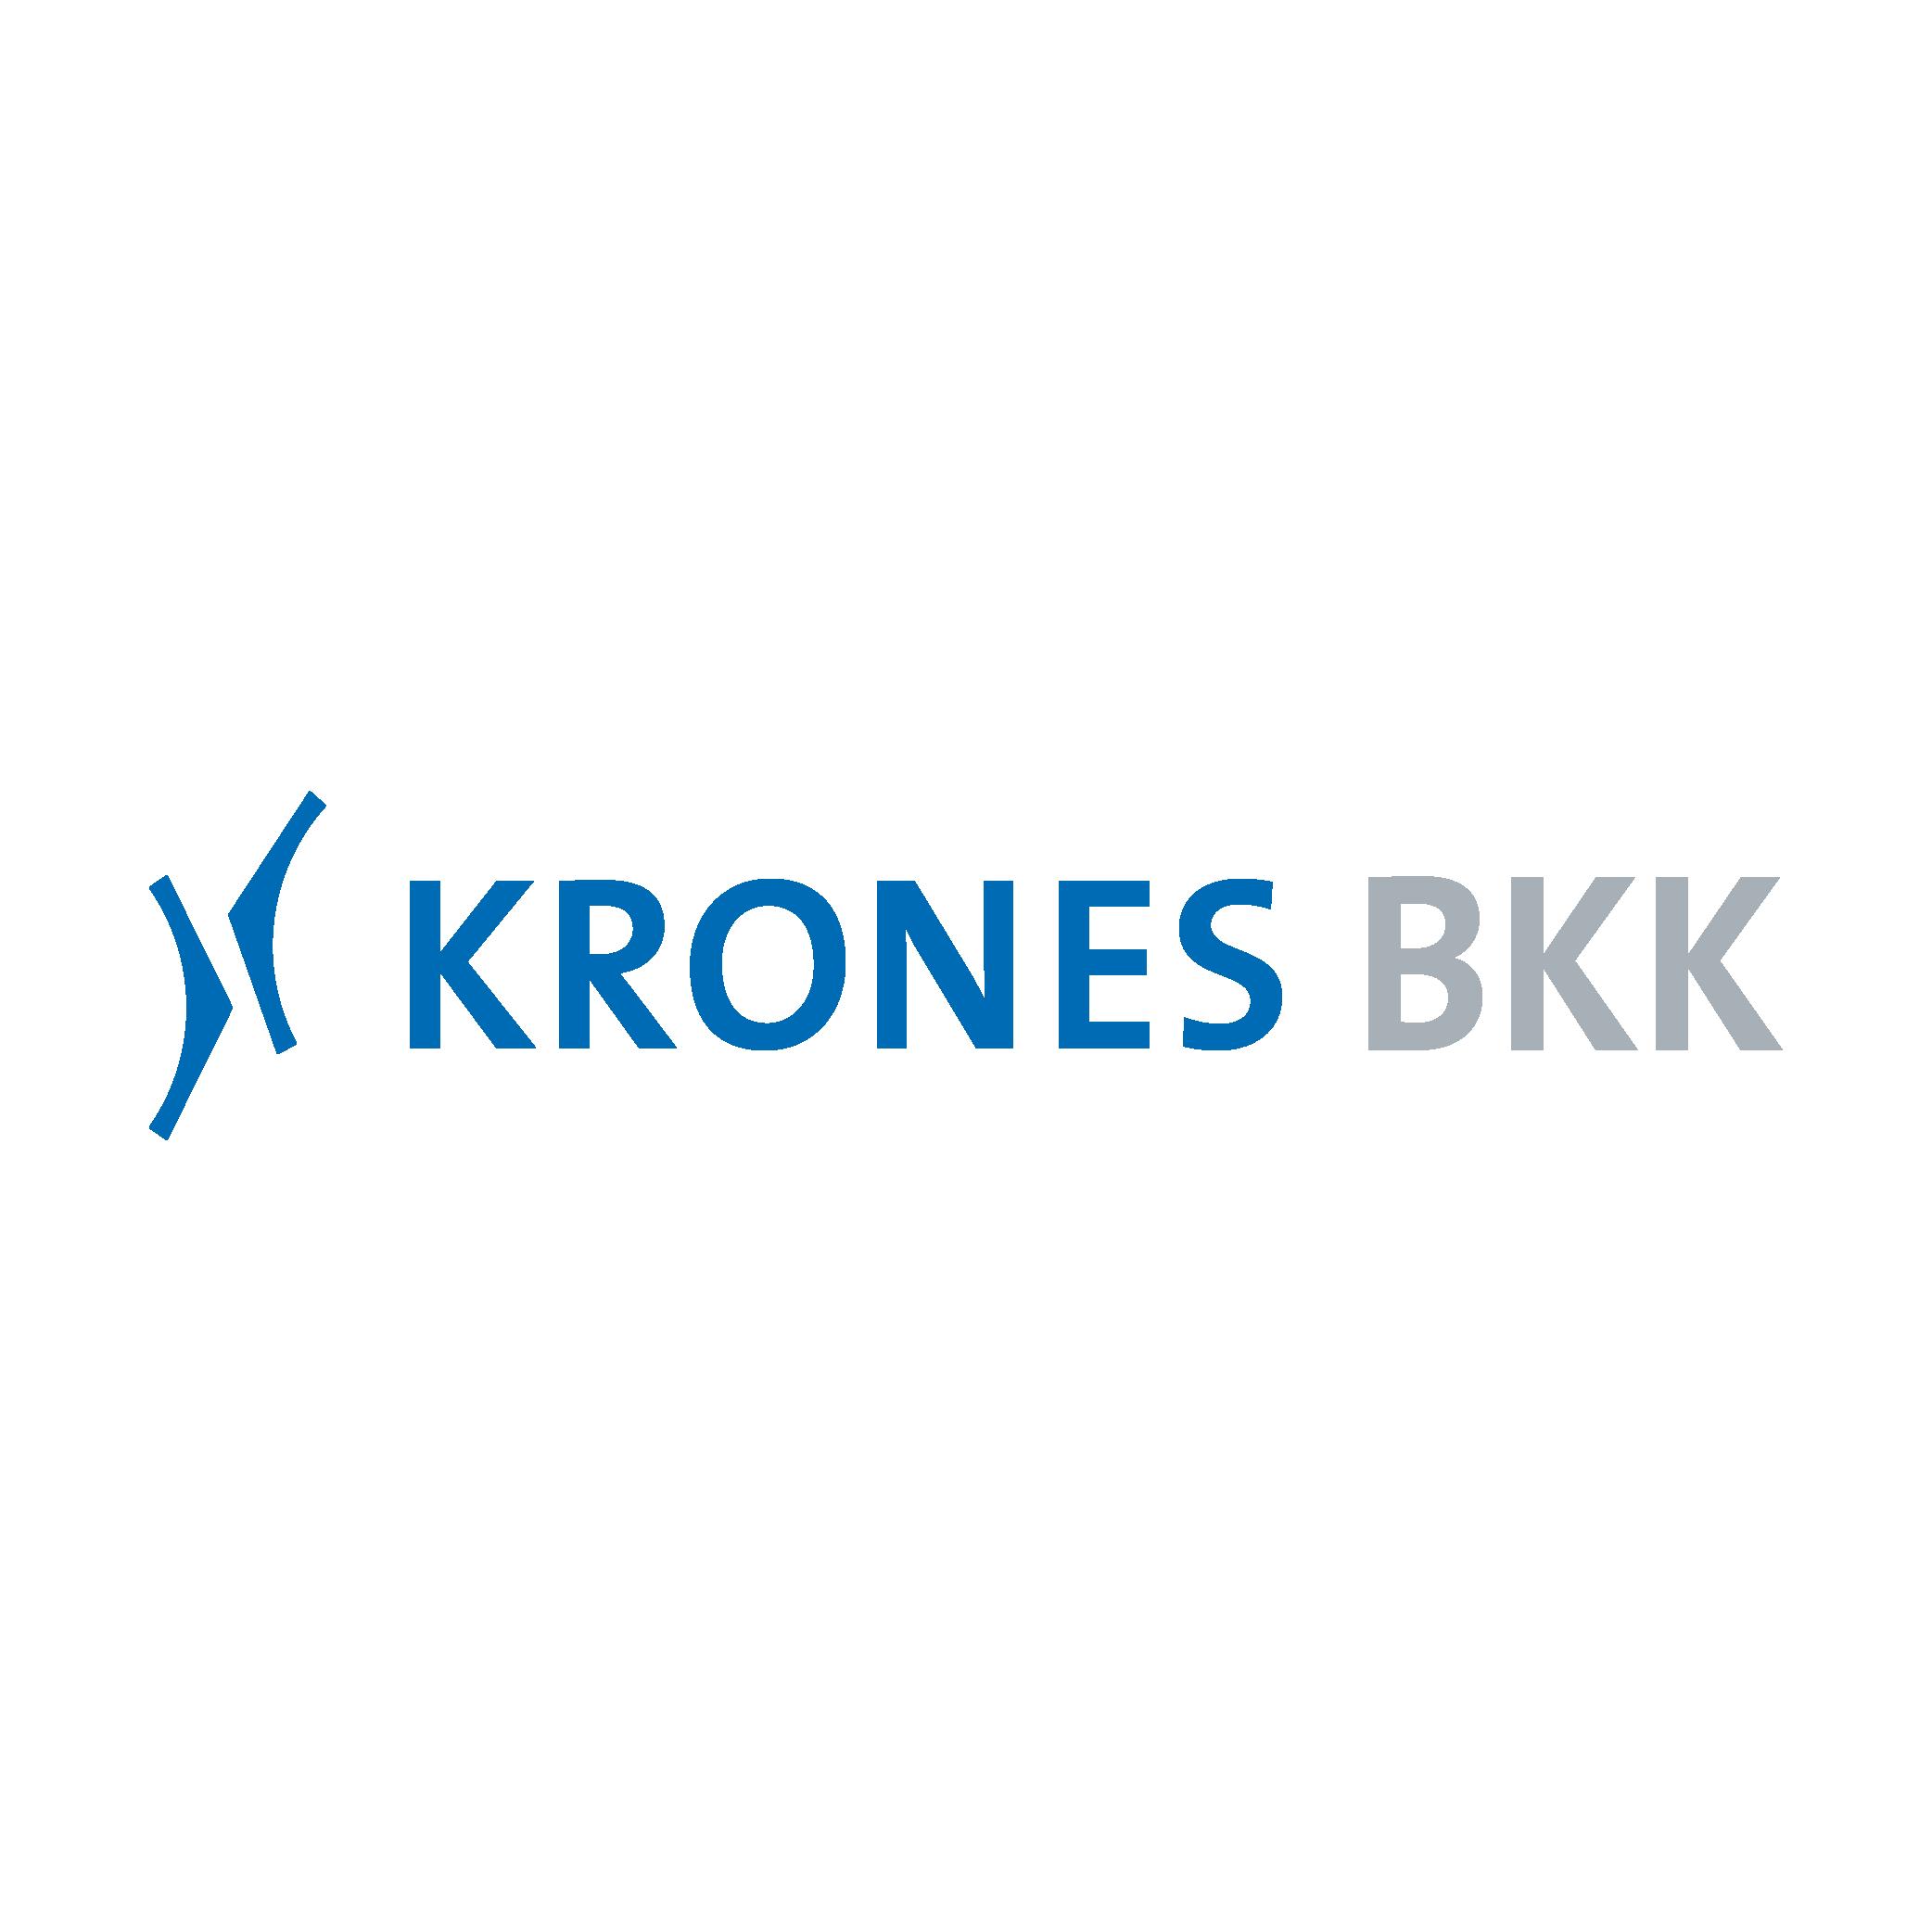 Markenzeichen der Krones BKK